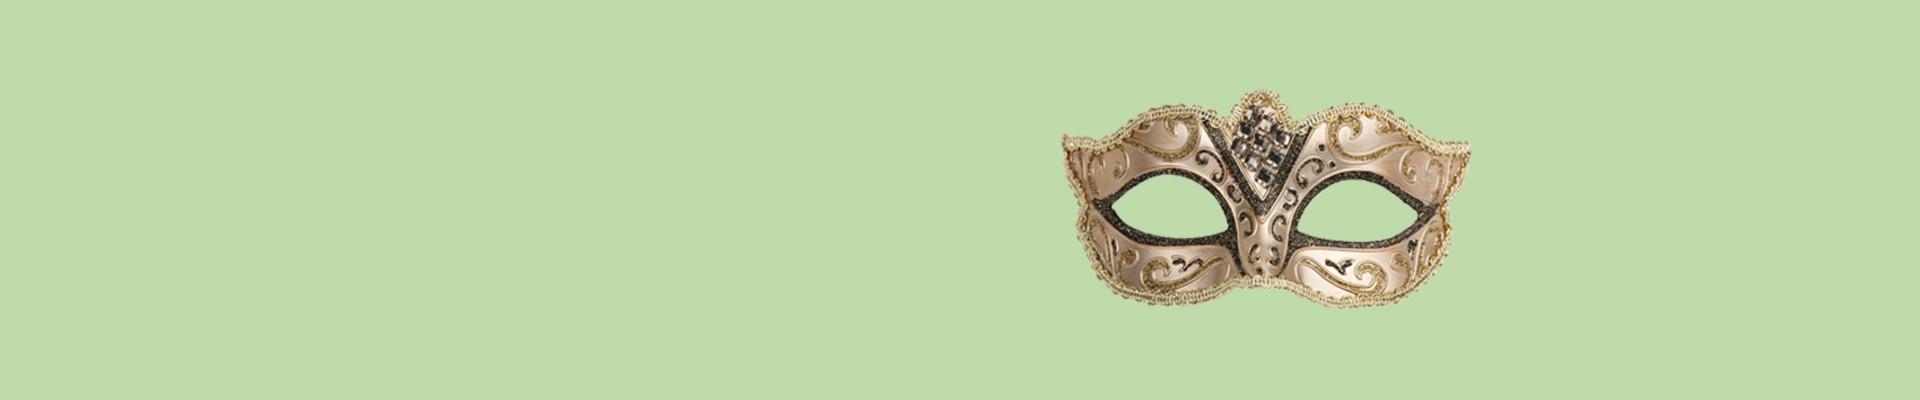 Jual Aneka Koleksi Topeng Pesta Model & Bentuk Terlengkap - Harga Terbaik